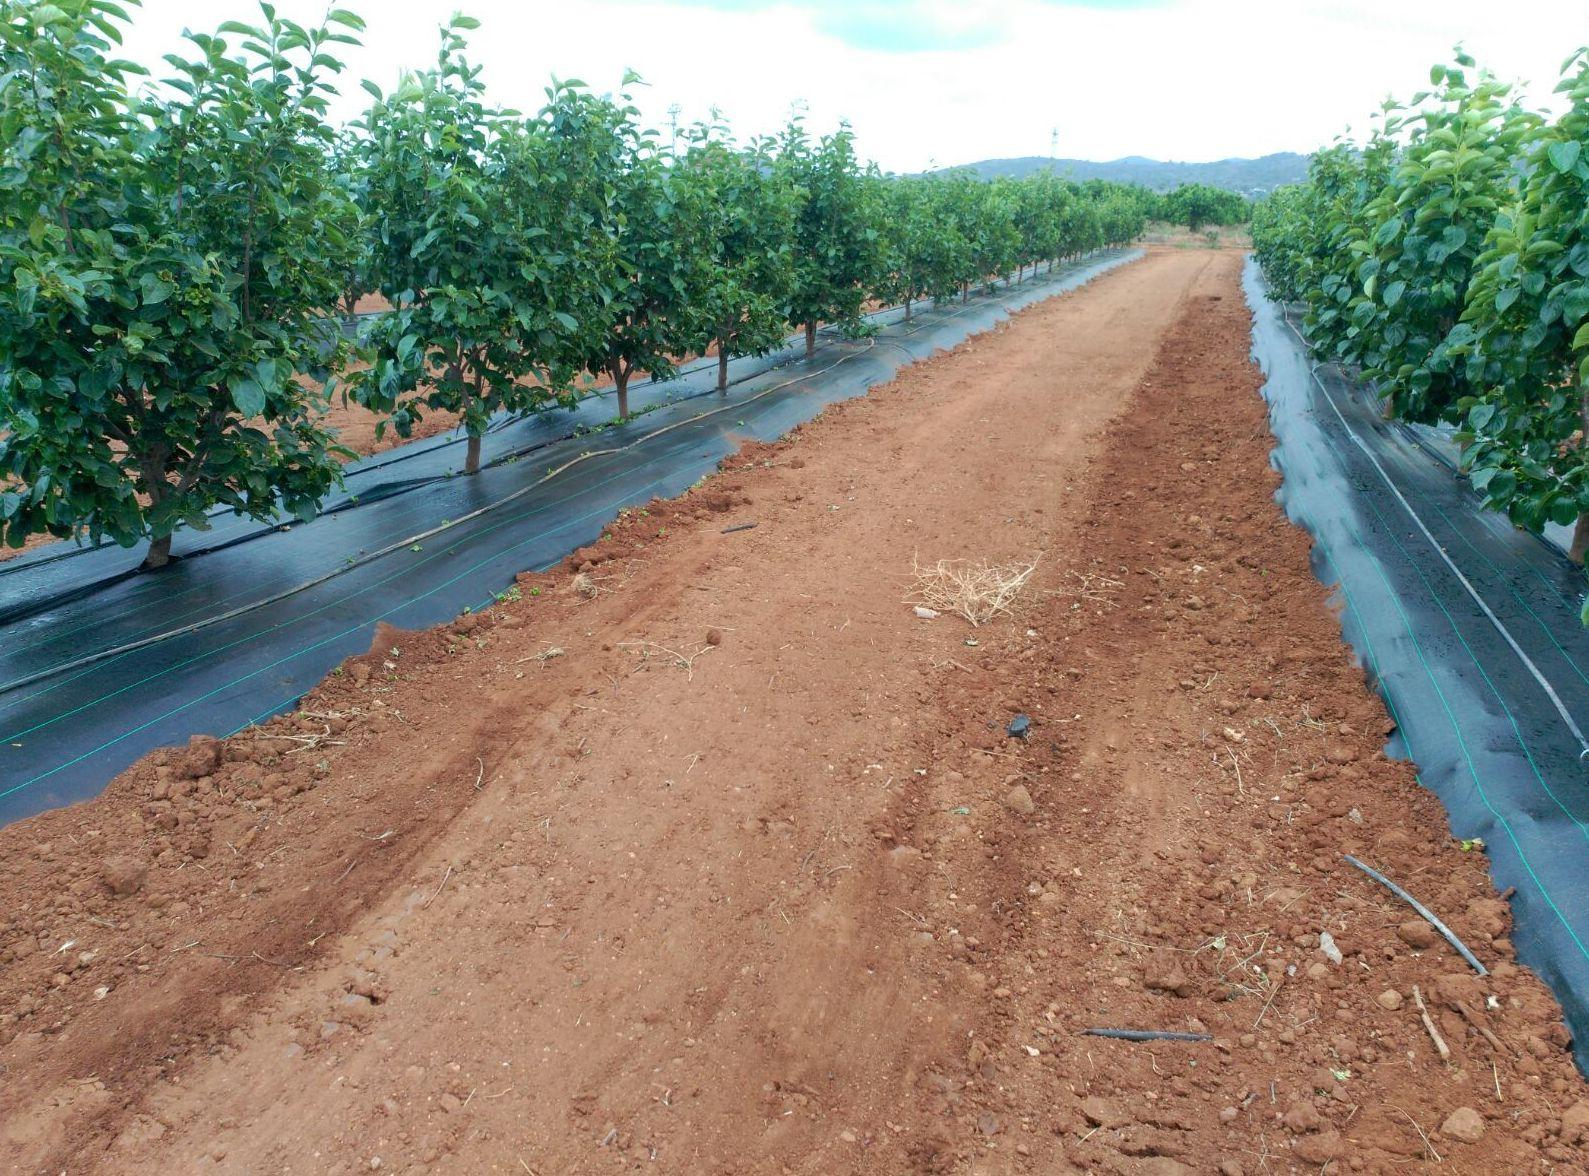 Foto 55 de Infraestructuras y trabajos agrícolas en La Murada – Orihuela | Mantenimiento y Estructuras Agrícolas Mateo e Hijo, S.L.